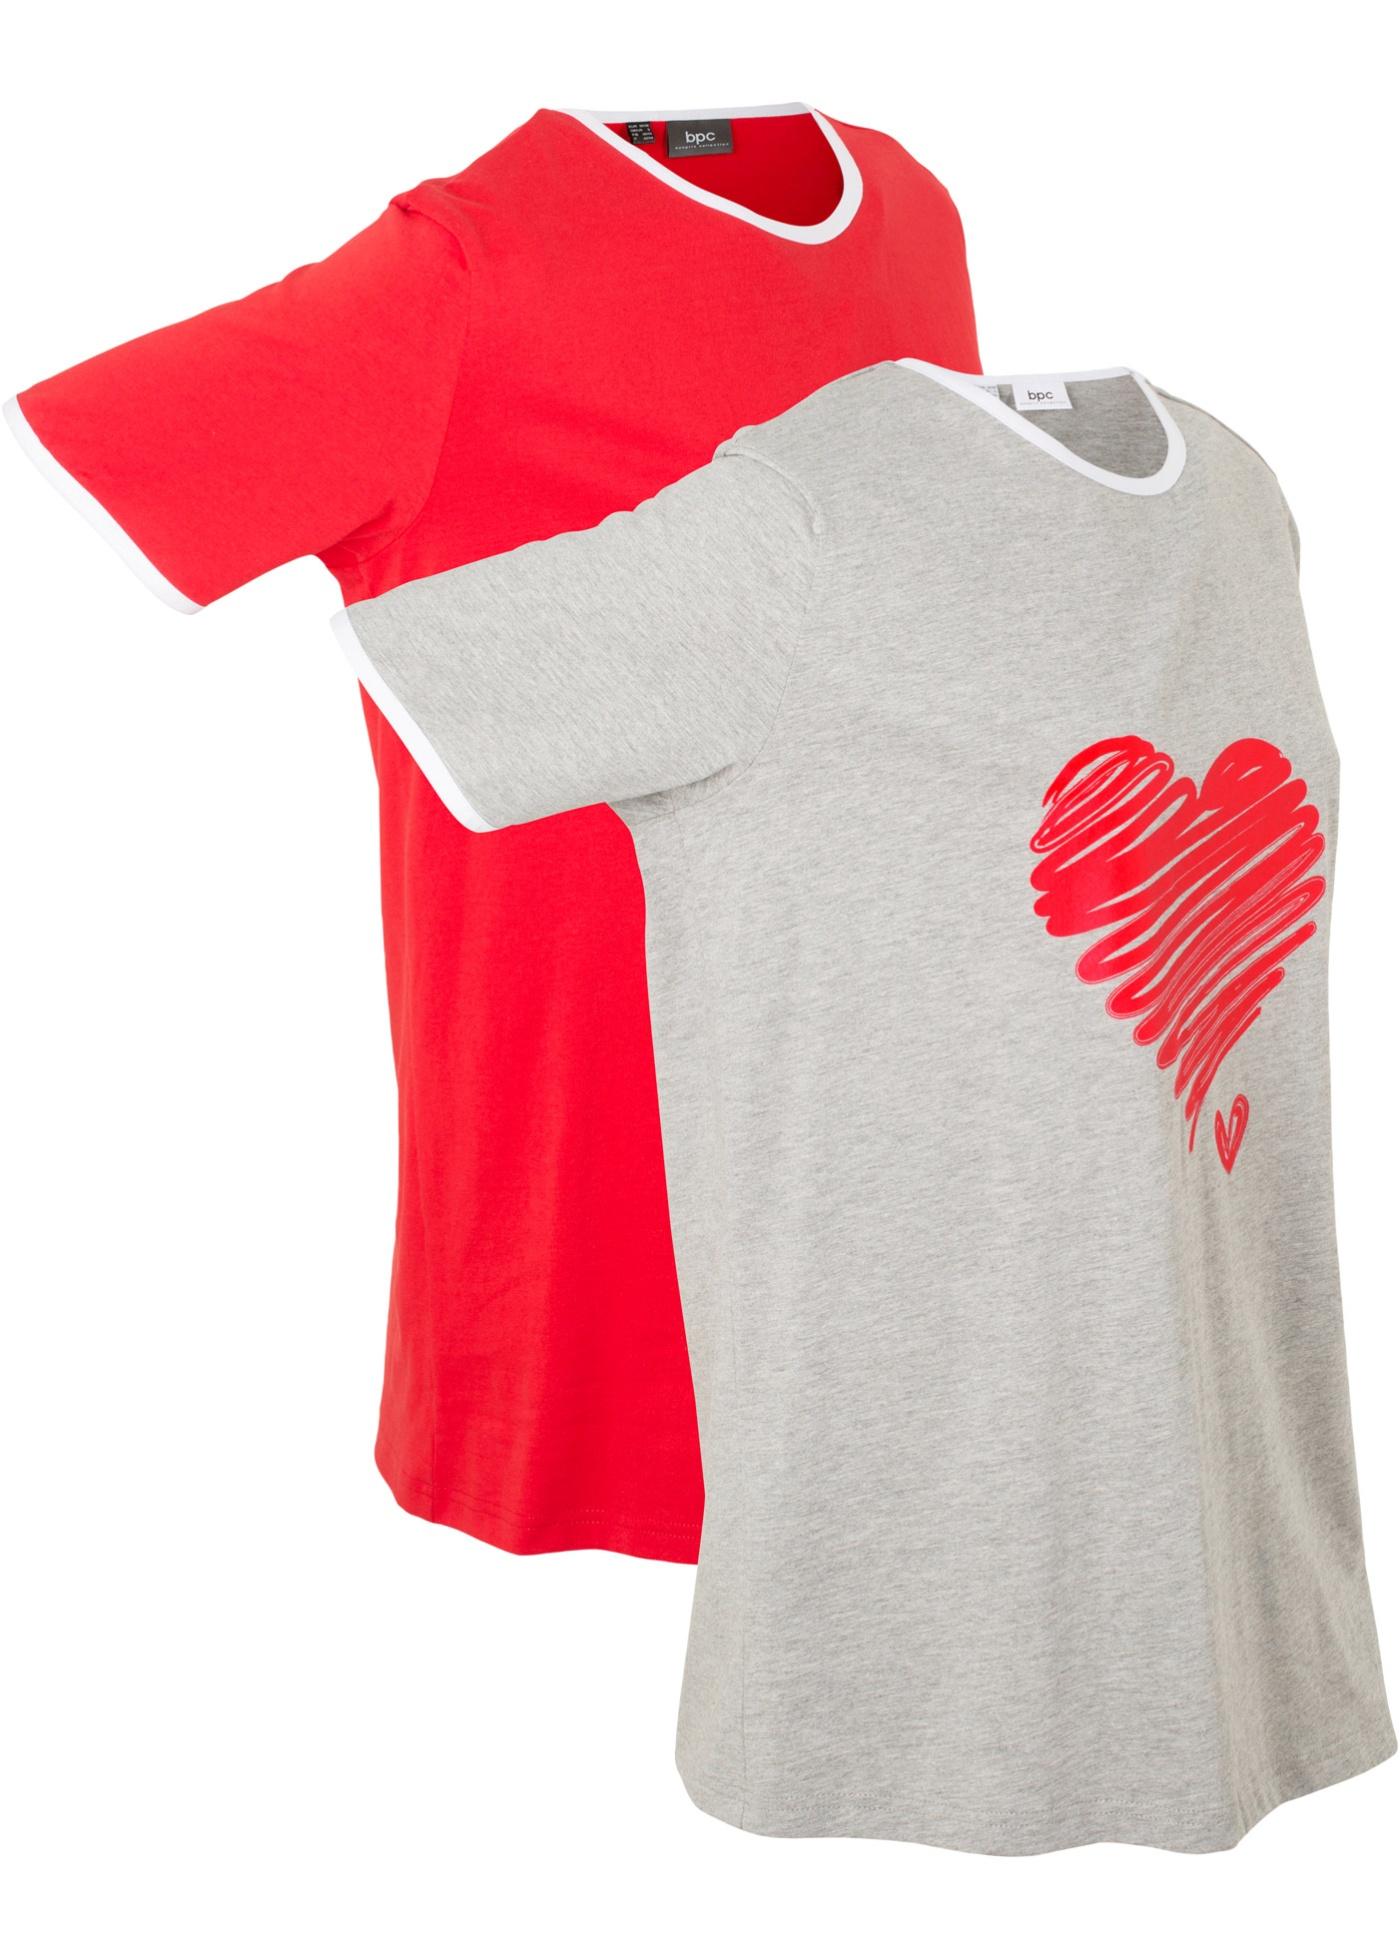 Bonprix Femme CollectionLot Bpc Pour 2 T LongsManches Courtes Gris De shirts dxerCQWEBo